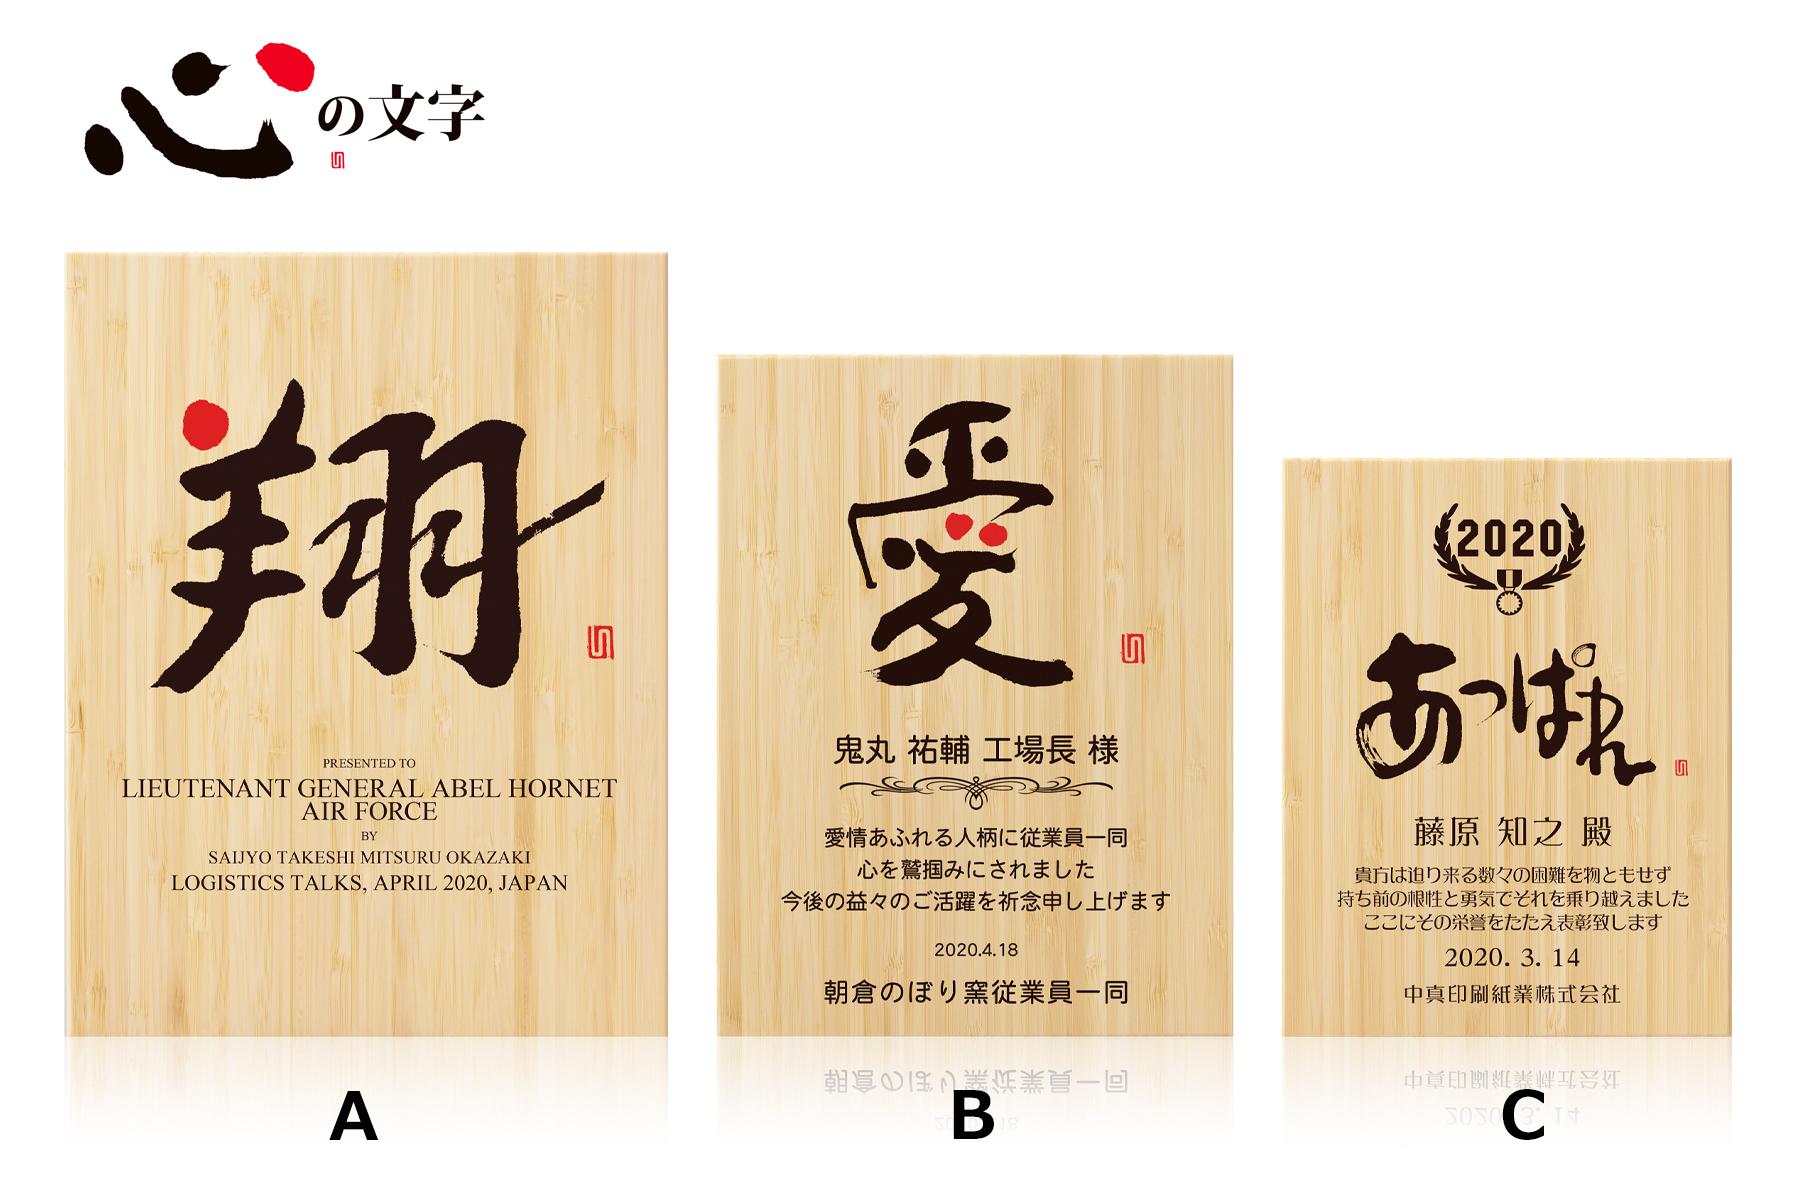 JA-AK-1684 心の文字シリーズの天然竹製オリジナル・セミオーダー表彰楯